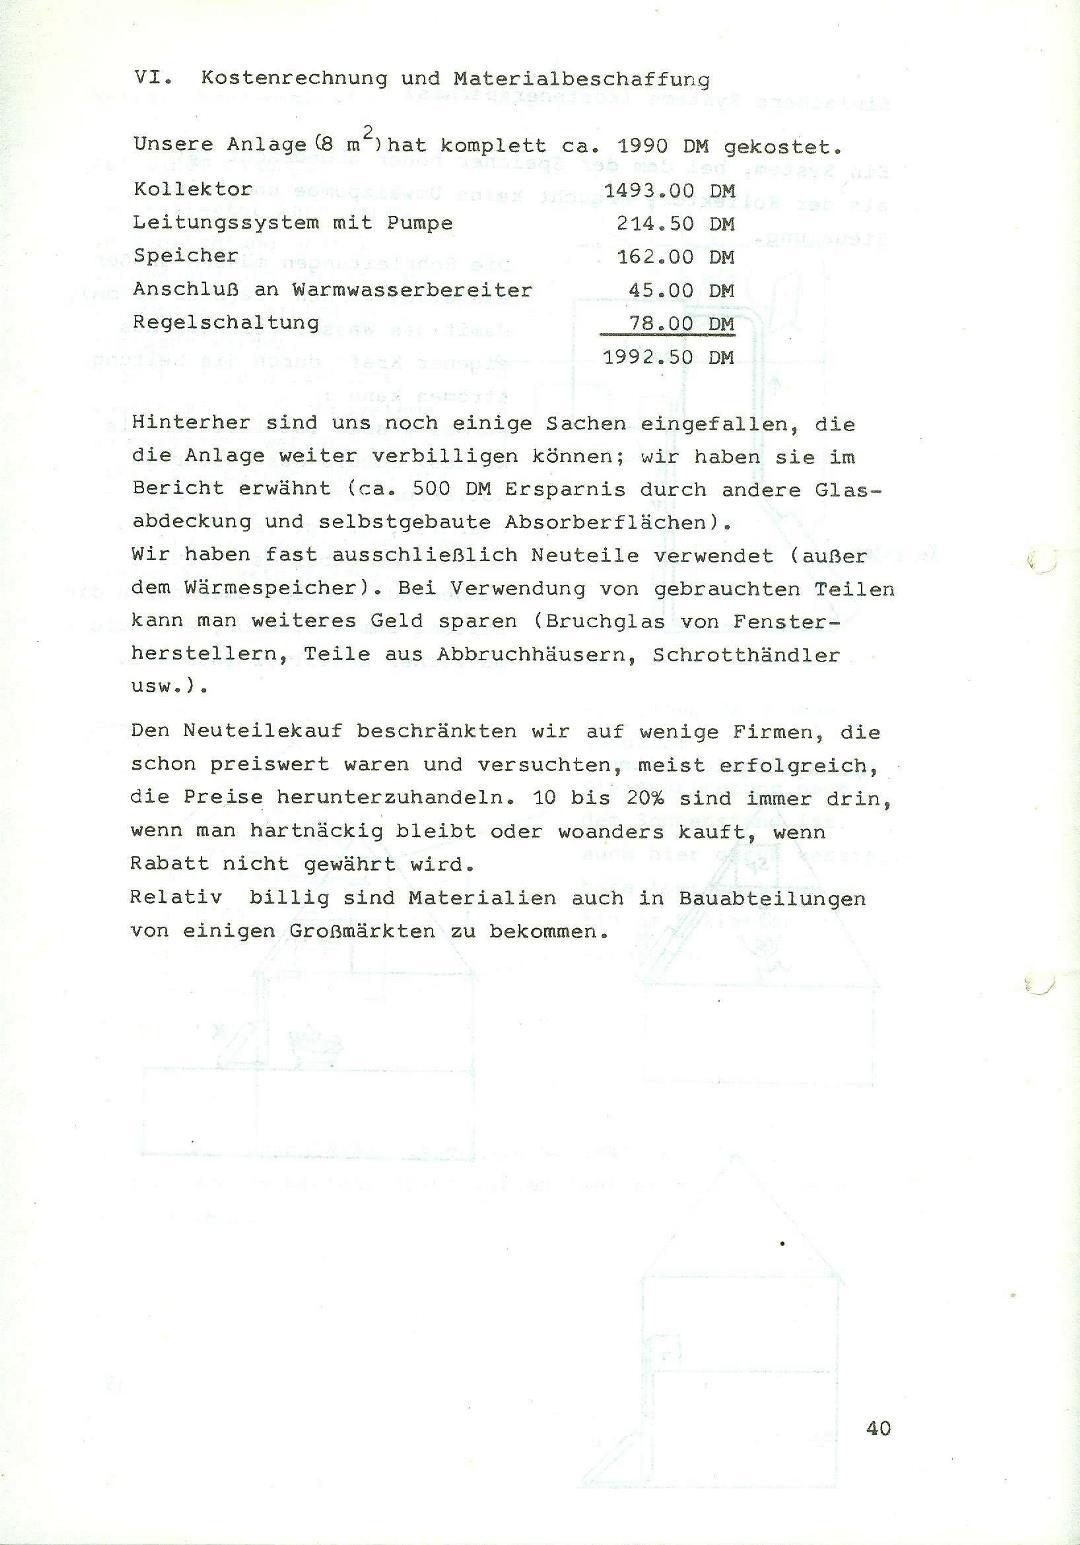 Hessen_AKW097